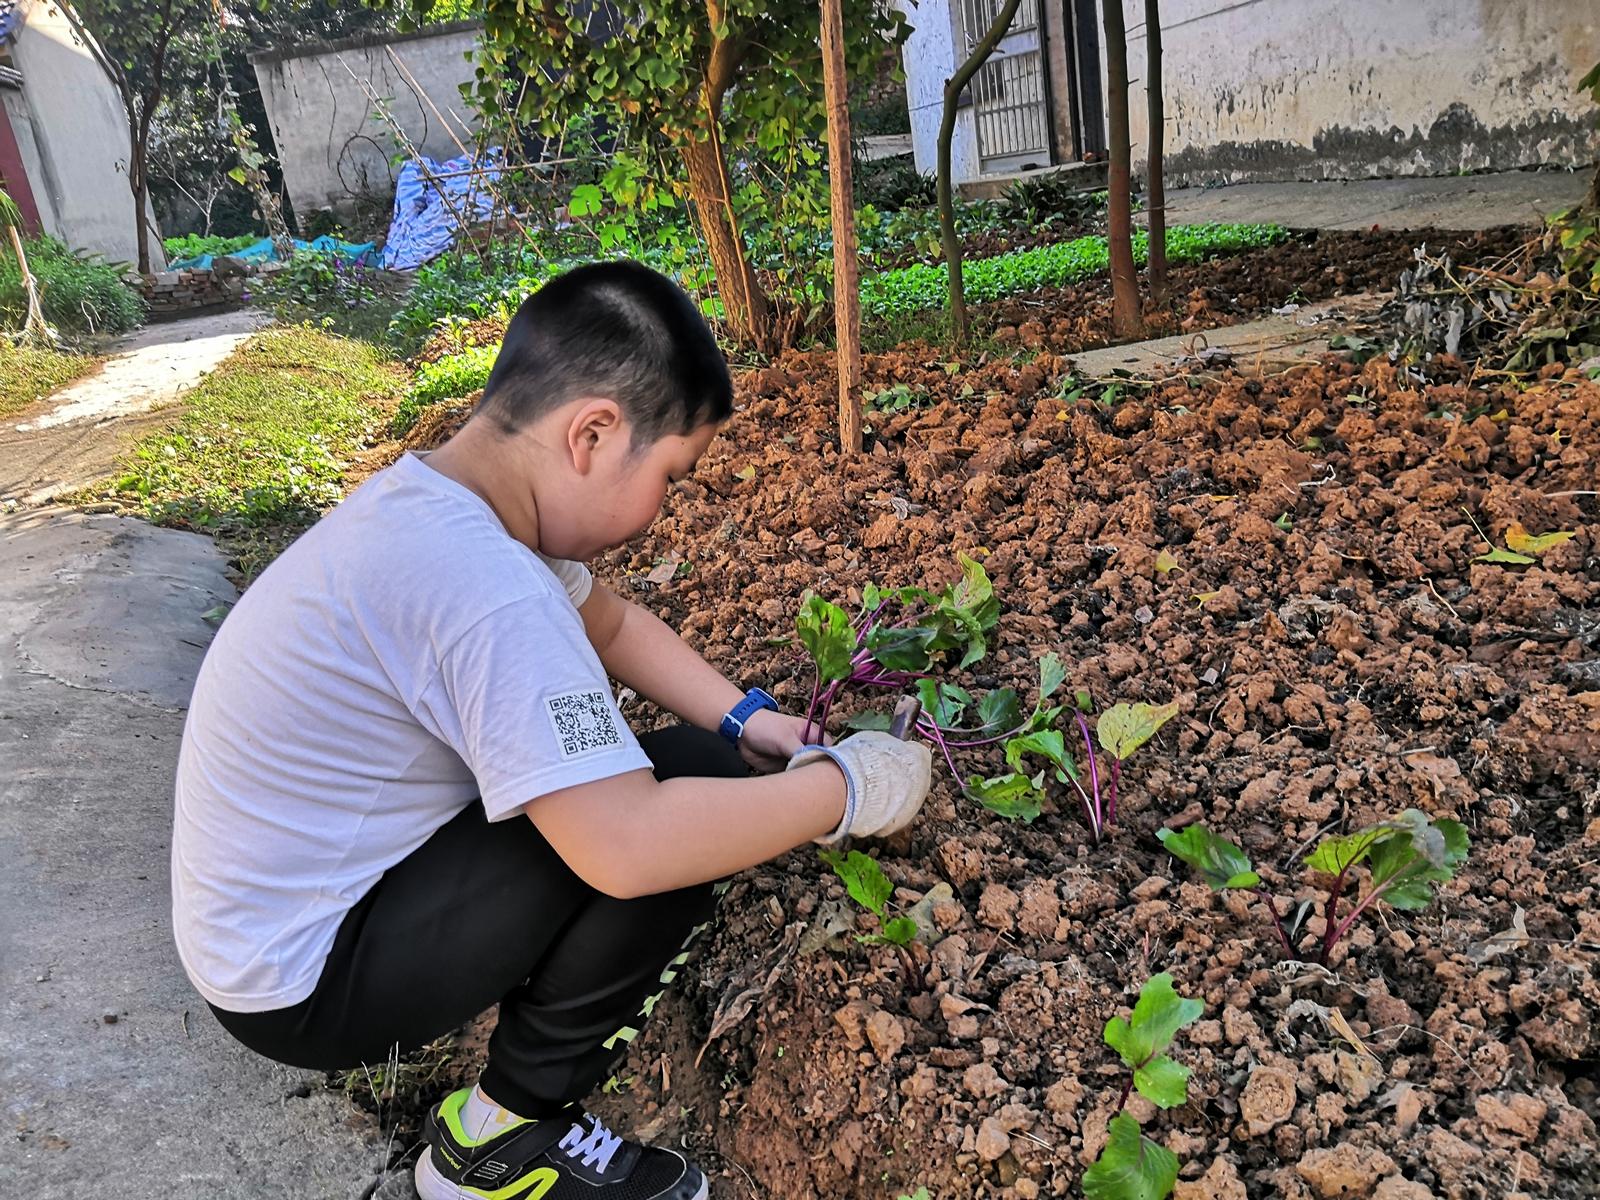 仪征实小开展紫菜种植科学实践活动